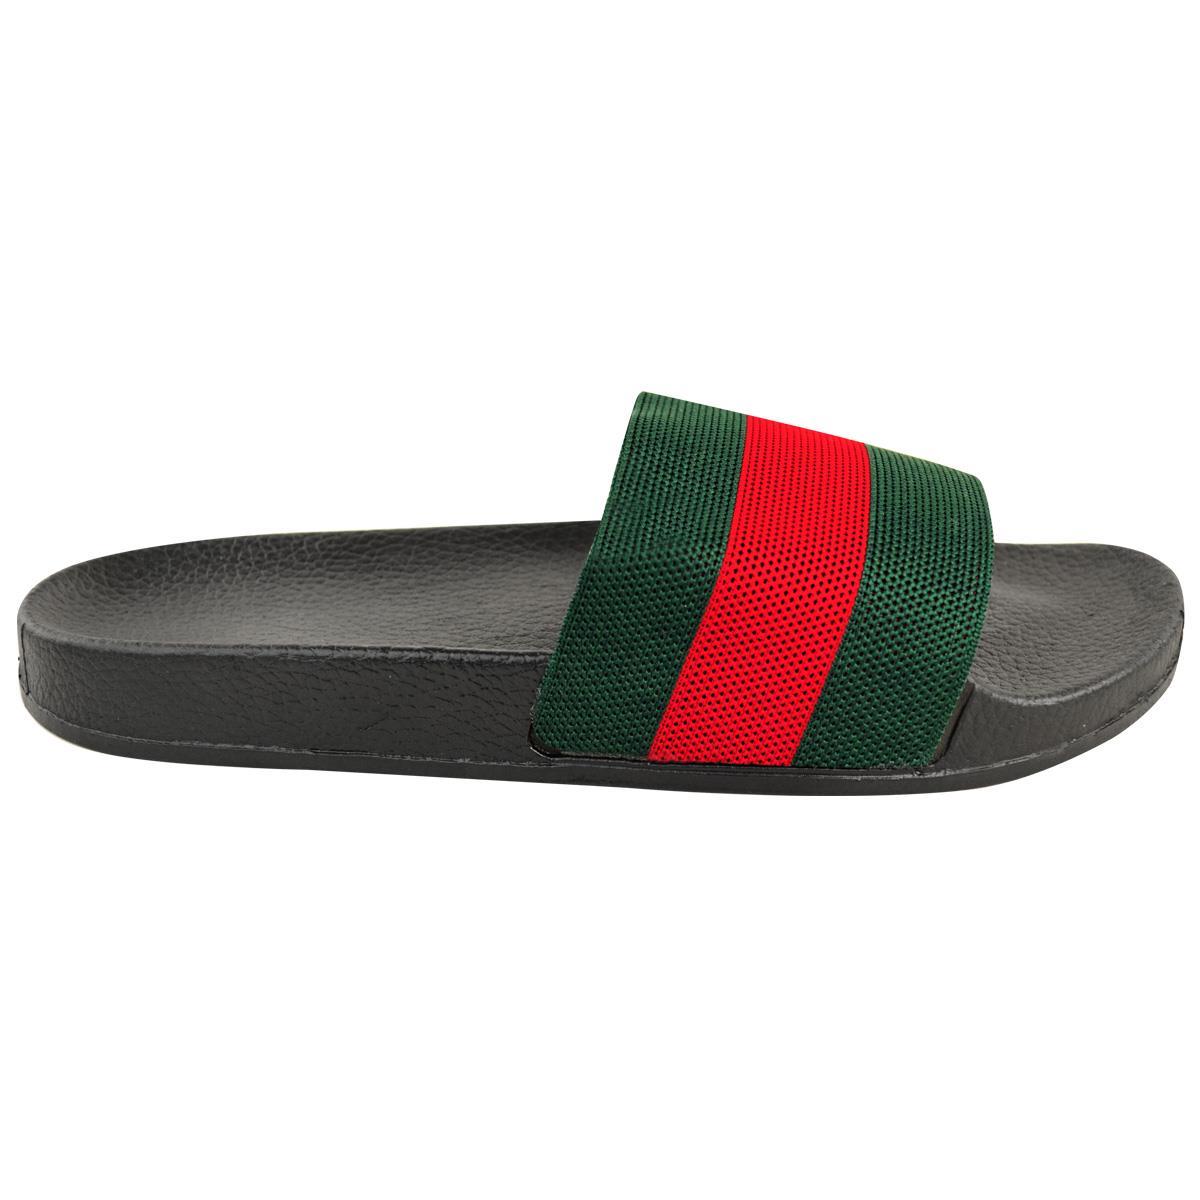 Mens-Guys-Flat-Rubber-Slides-Sliders-Stripe-Sandals-Pool-Beach-Designer-New-Size thumbnail 8